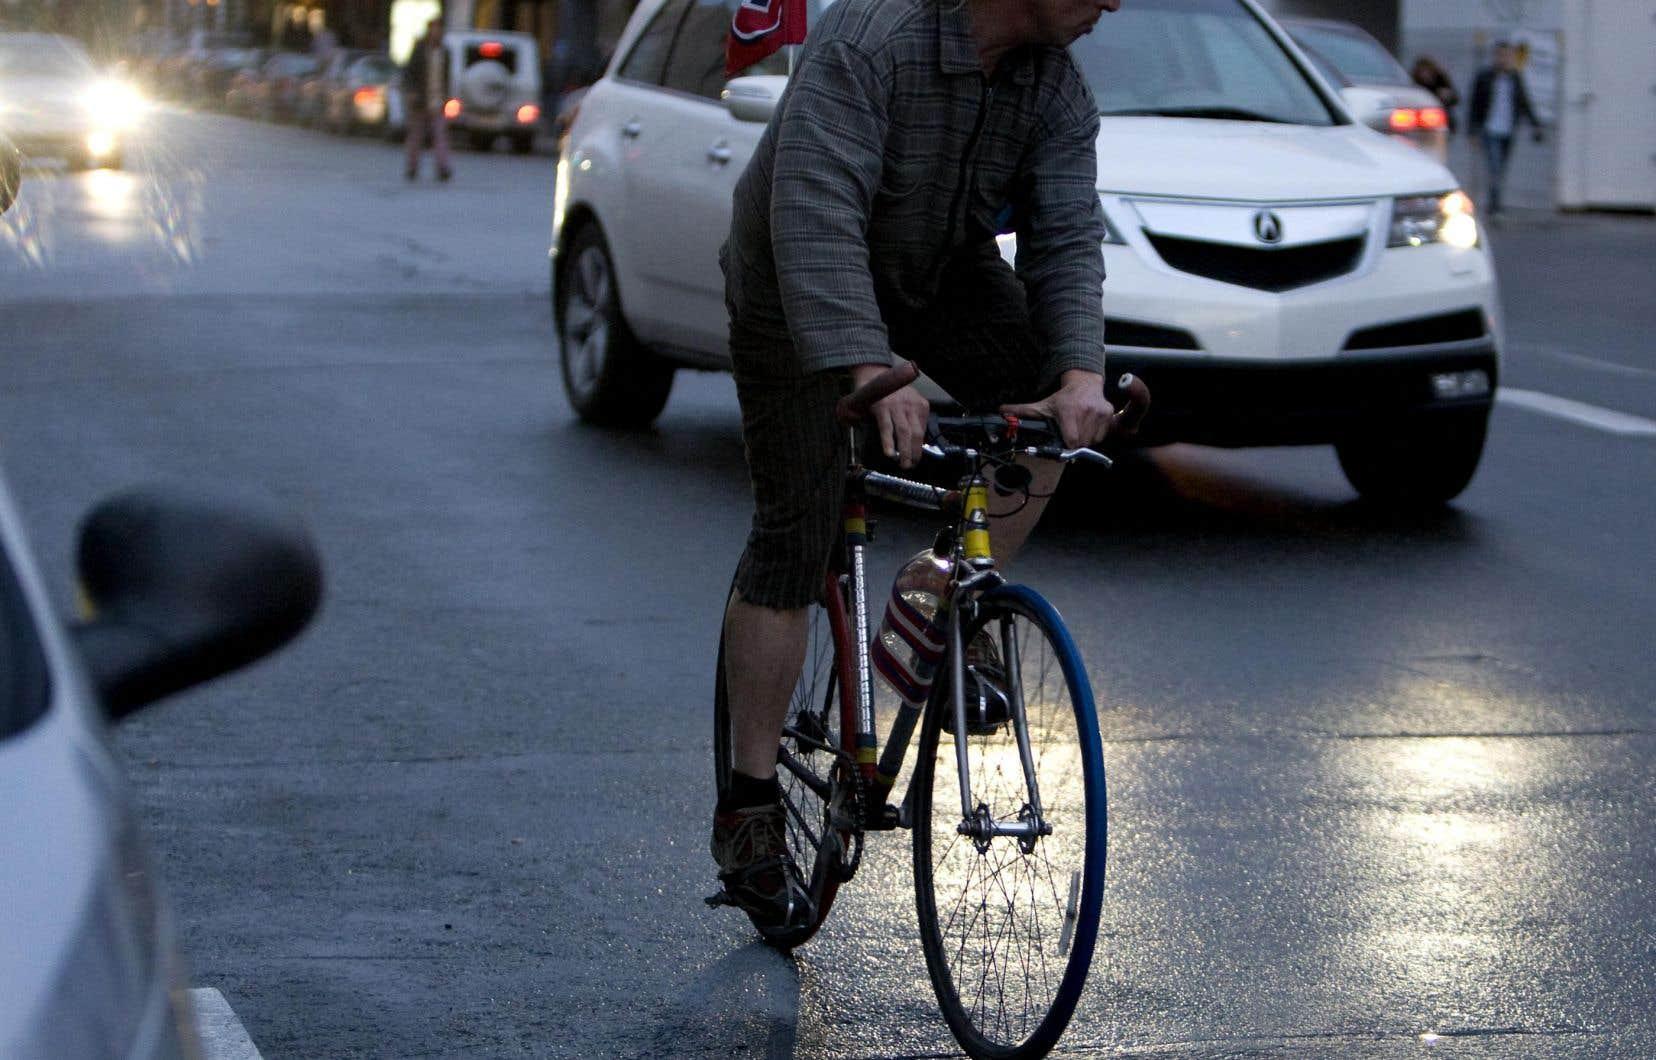 «Une autre manoeuvre délicate, celle qui est sans doute une des plus périlleuses pour moi comme cycliste, c'est le virage à gauche», affirme l'auteur.